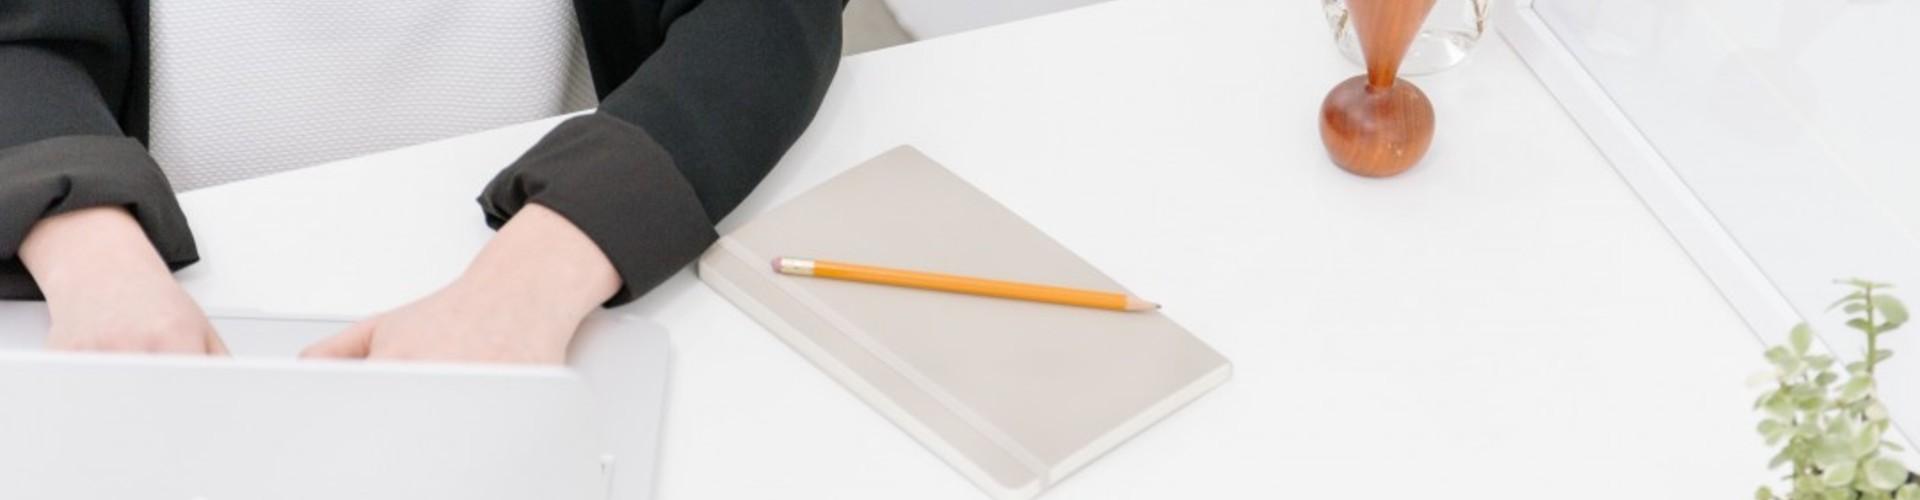 CV bez zdjęcia - wzór i puste CV do wypełnienia bez zdjęcia (kreator)